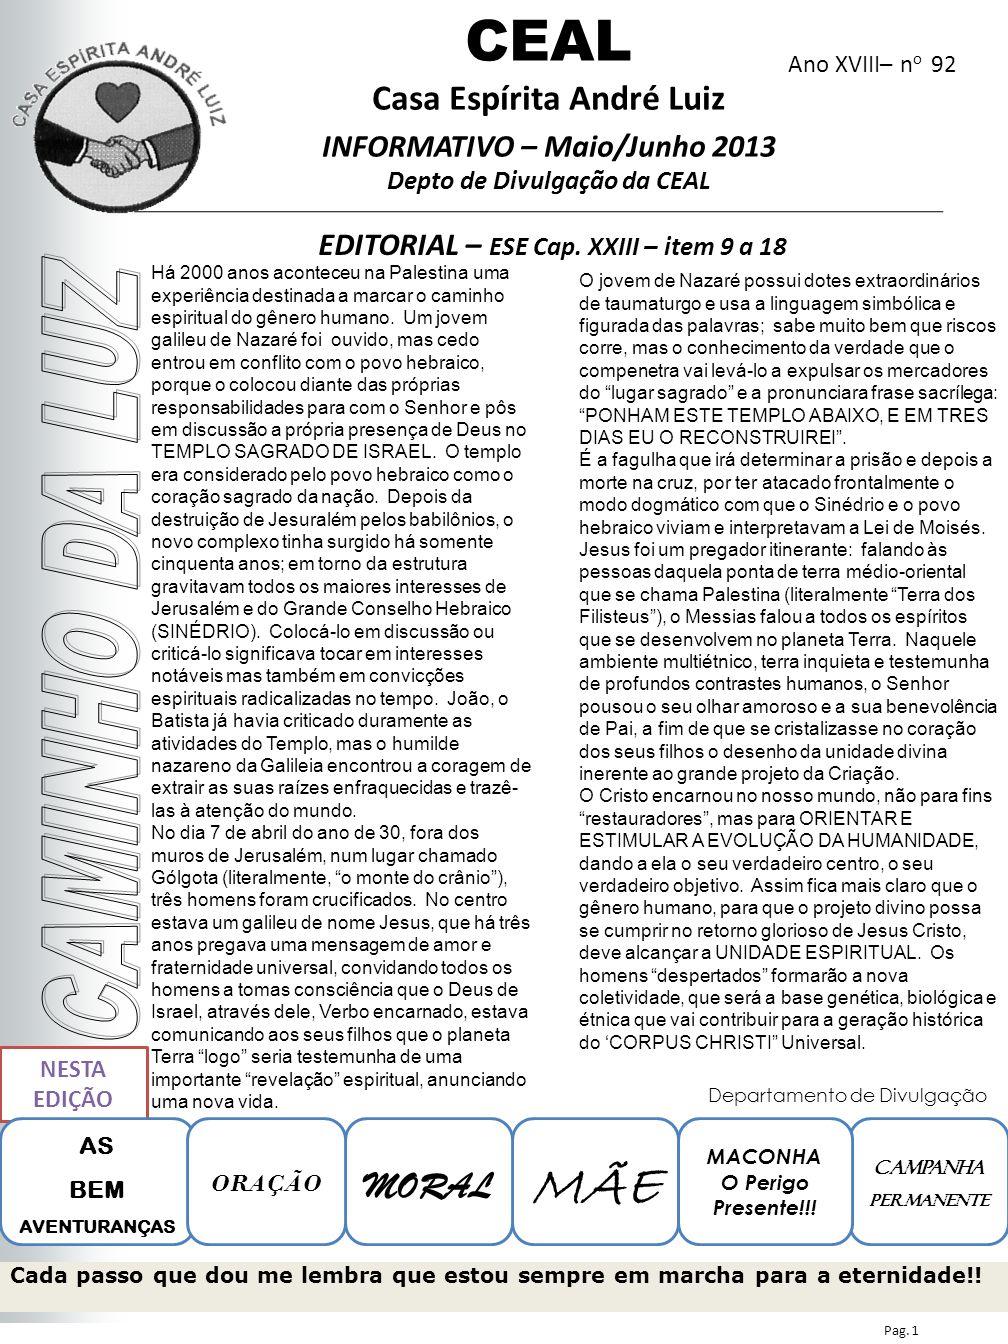 Ano XVIII– n o 92 EDITORIAL – ESE Cap. XXIII – item 9 a 18 CEAL Casa Espírita André Luiz INFORMATIVO – Maio/Junho 2013 Depto de Divulgação da CEAL NES